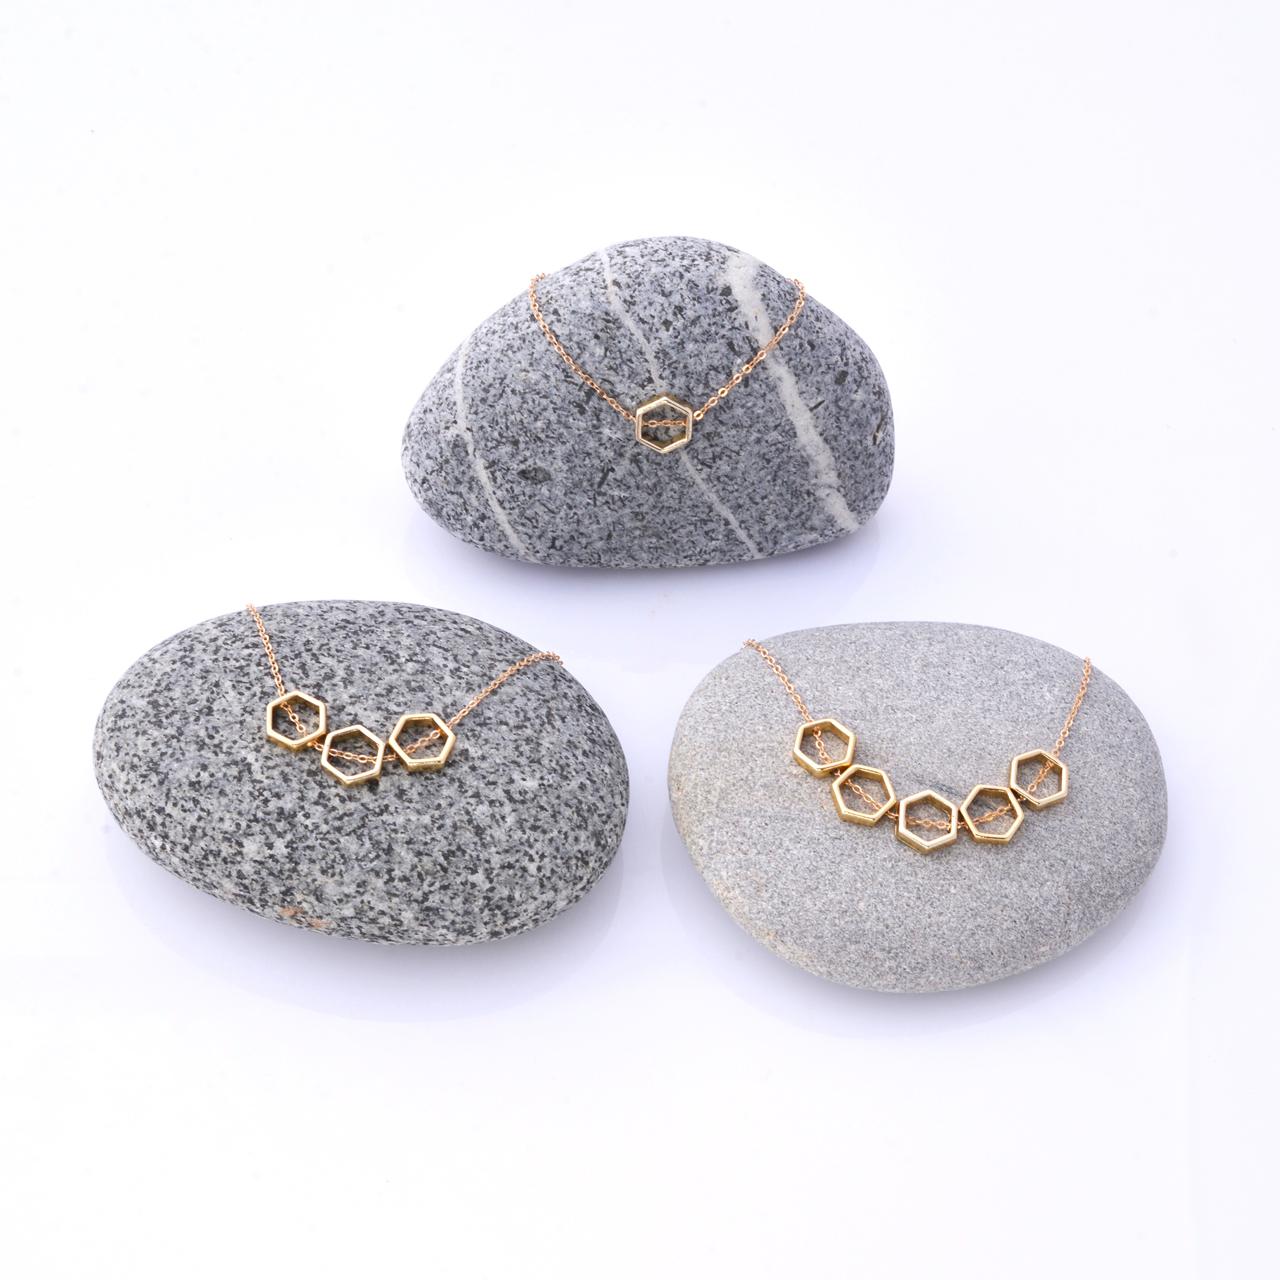 Mon Bijou Golden Hexagon Necklaces | The Design Gift Shop